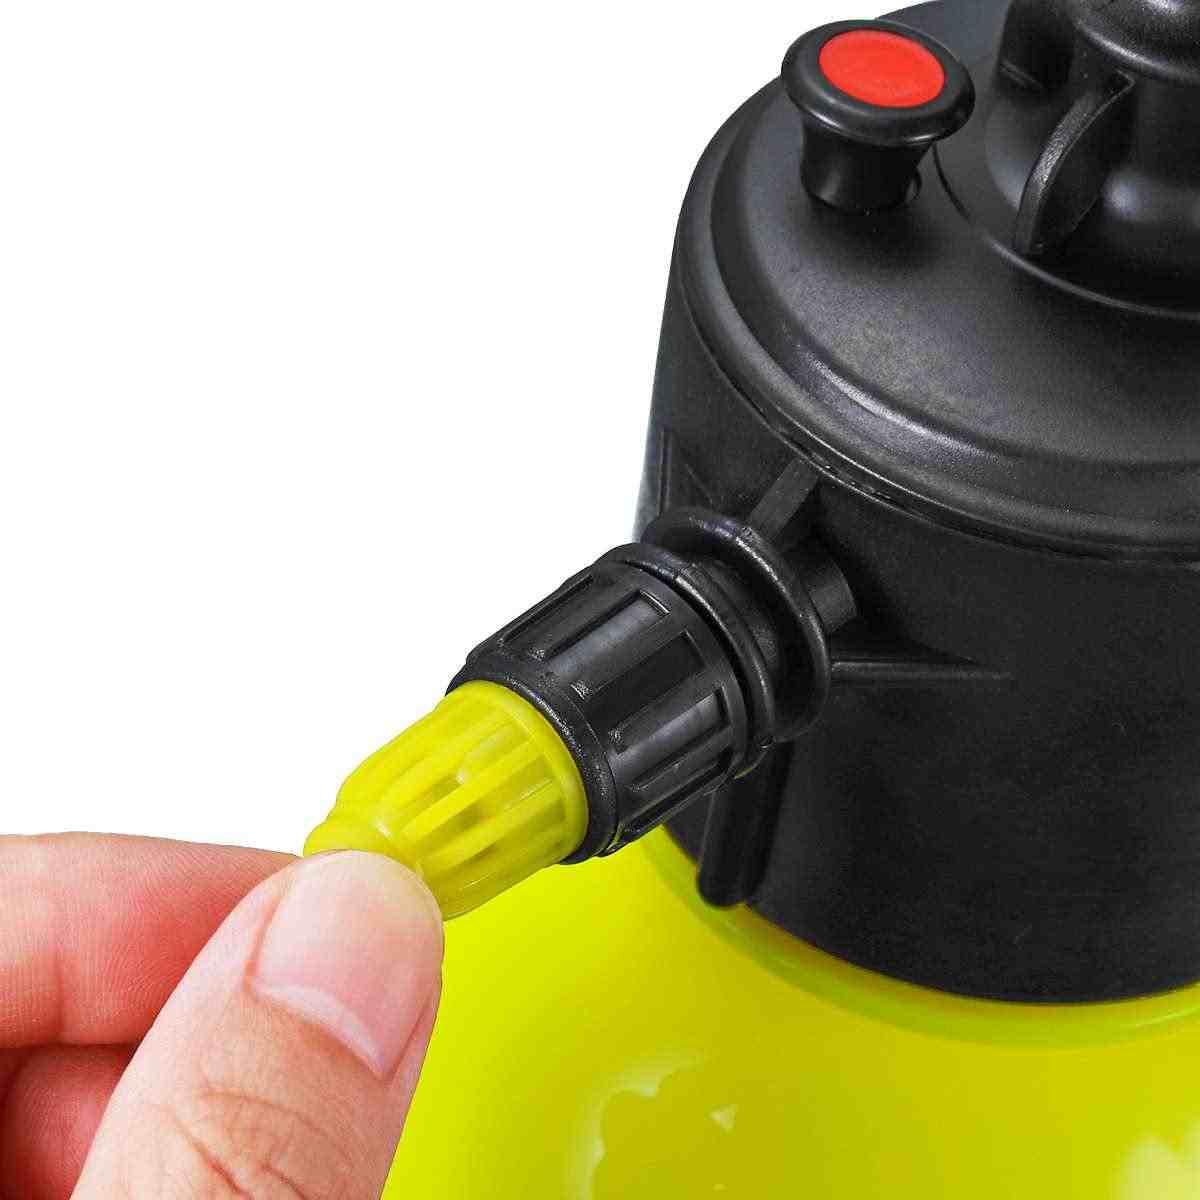 يده ضغط البخاخ زجاجة 2L حديقة رذاذ غلاية مصنع الري مسقاة البستنة أداة 3 ألوان قابل للتعديل فوهة